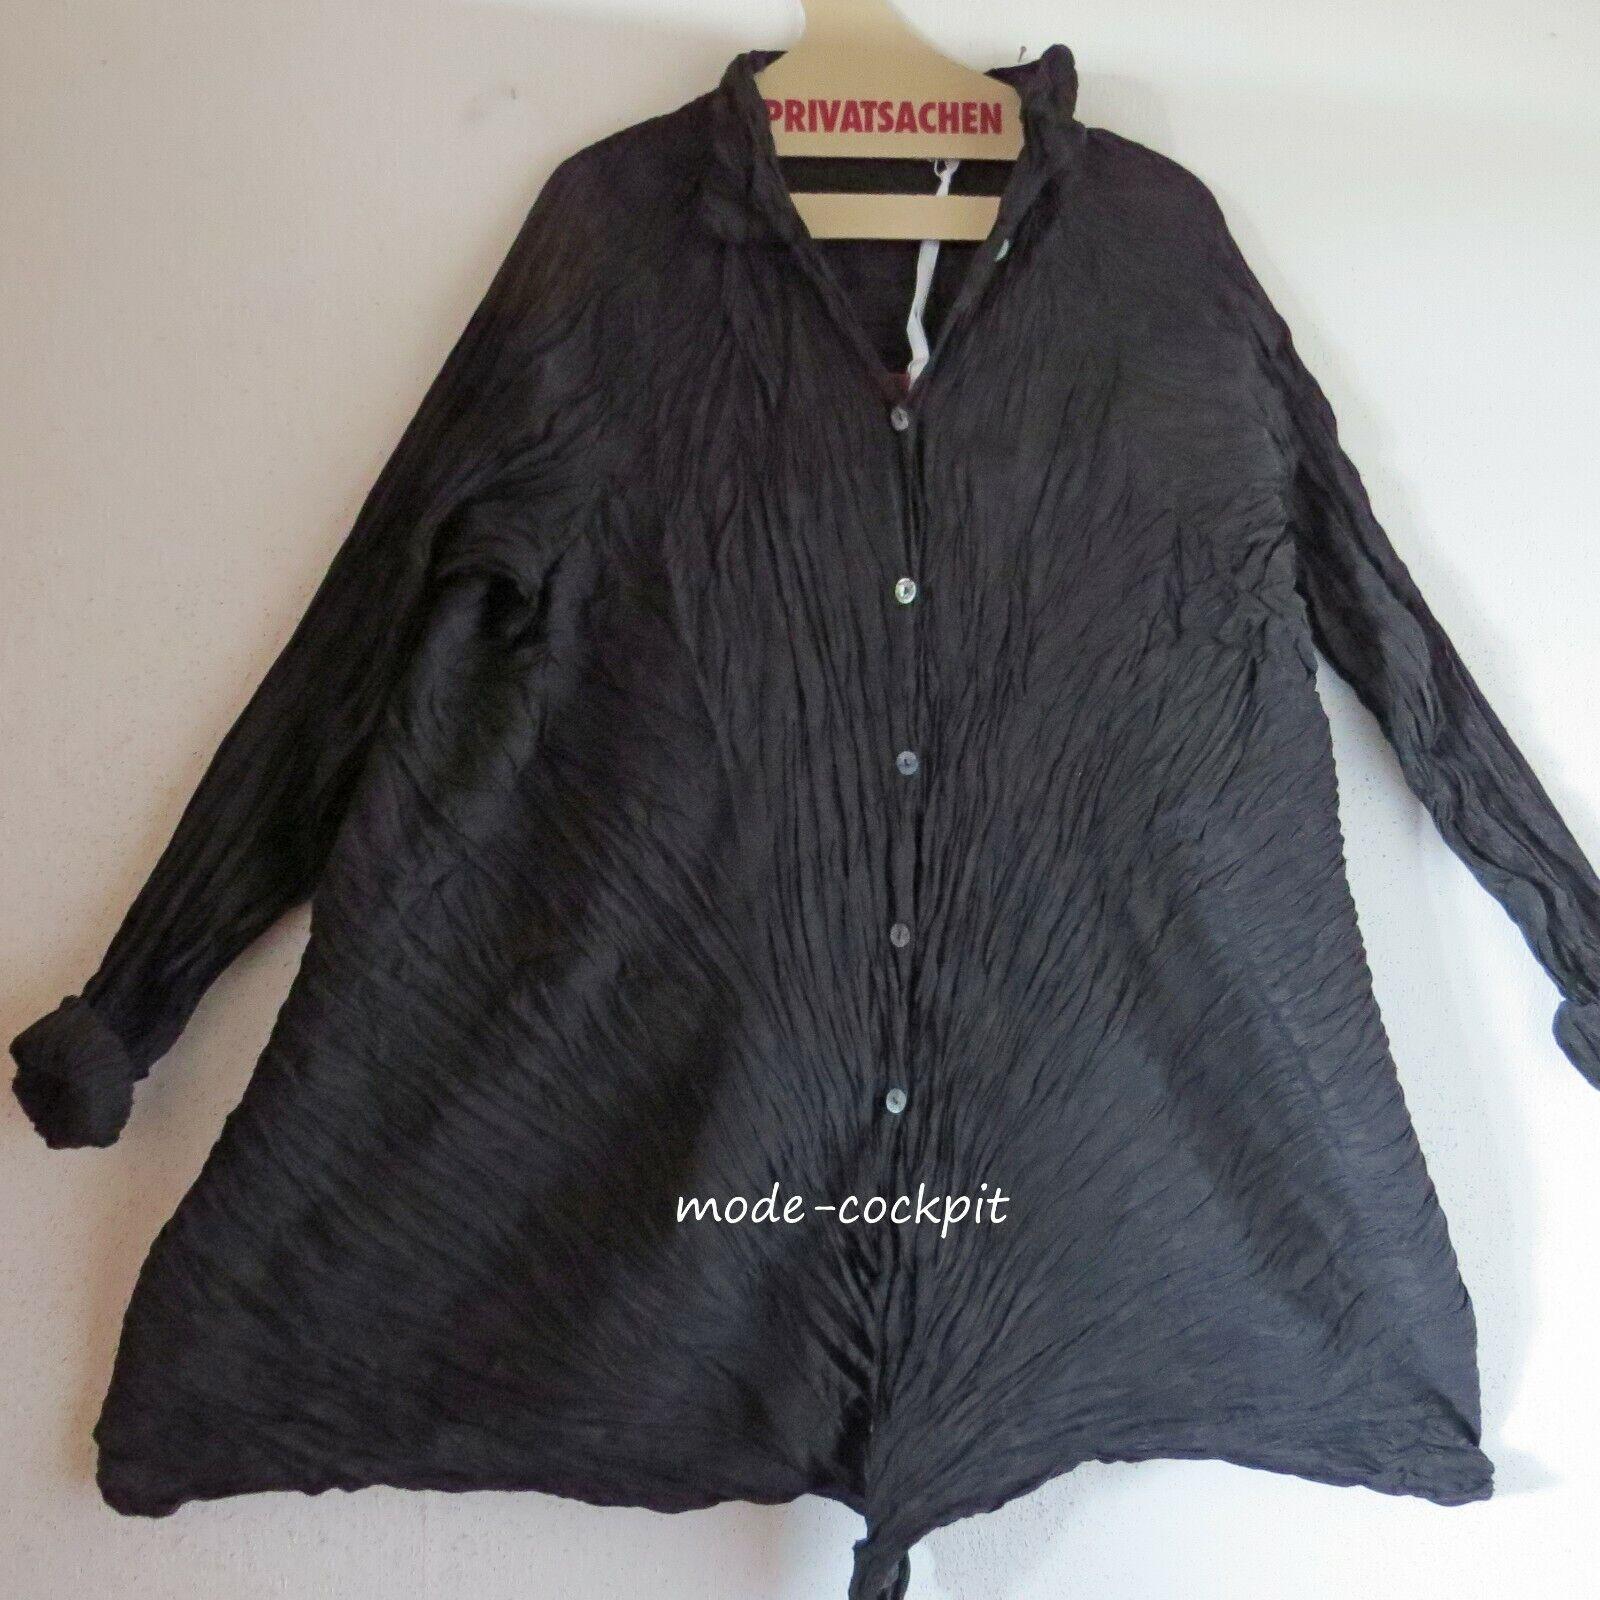 Cocon merz PRIVATSACHEN süße Long Blause A-Linie Wäscheseide schwarz 48-52 (3)